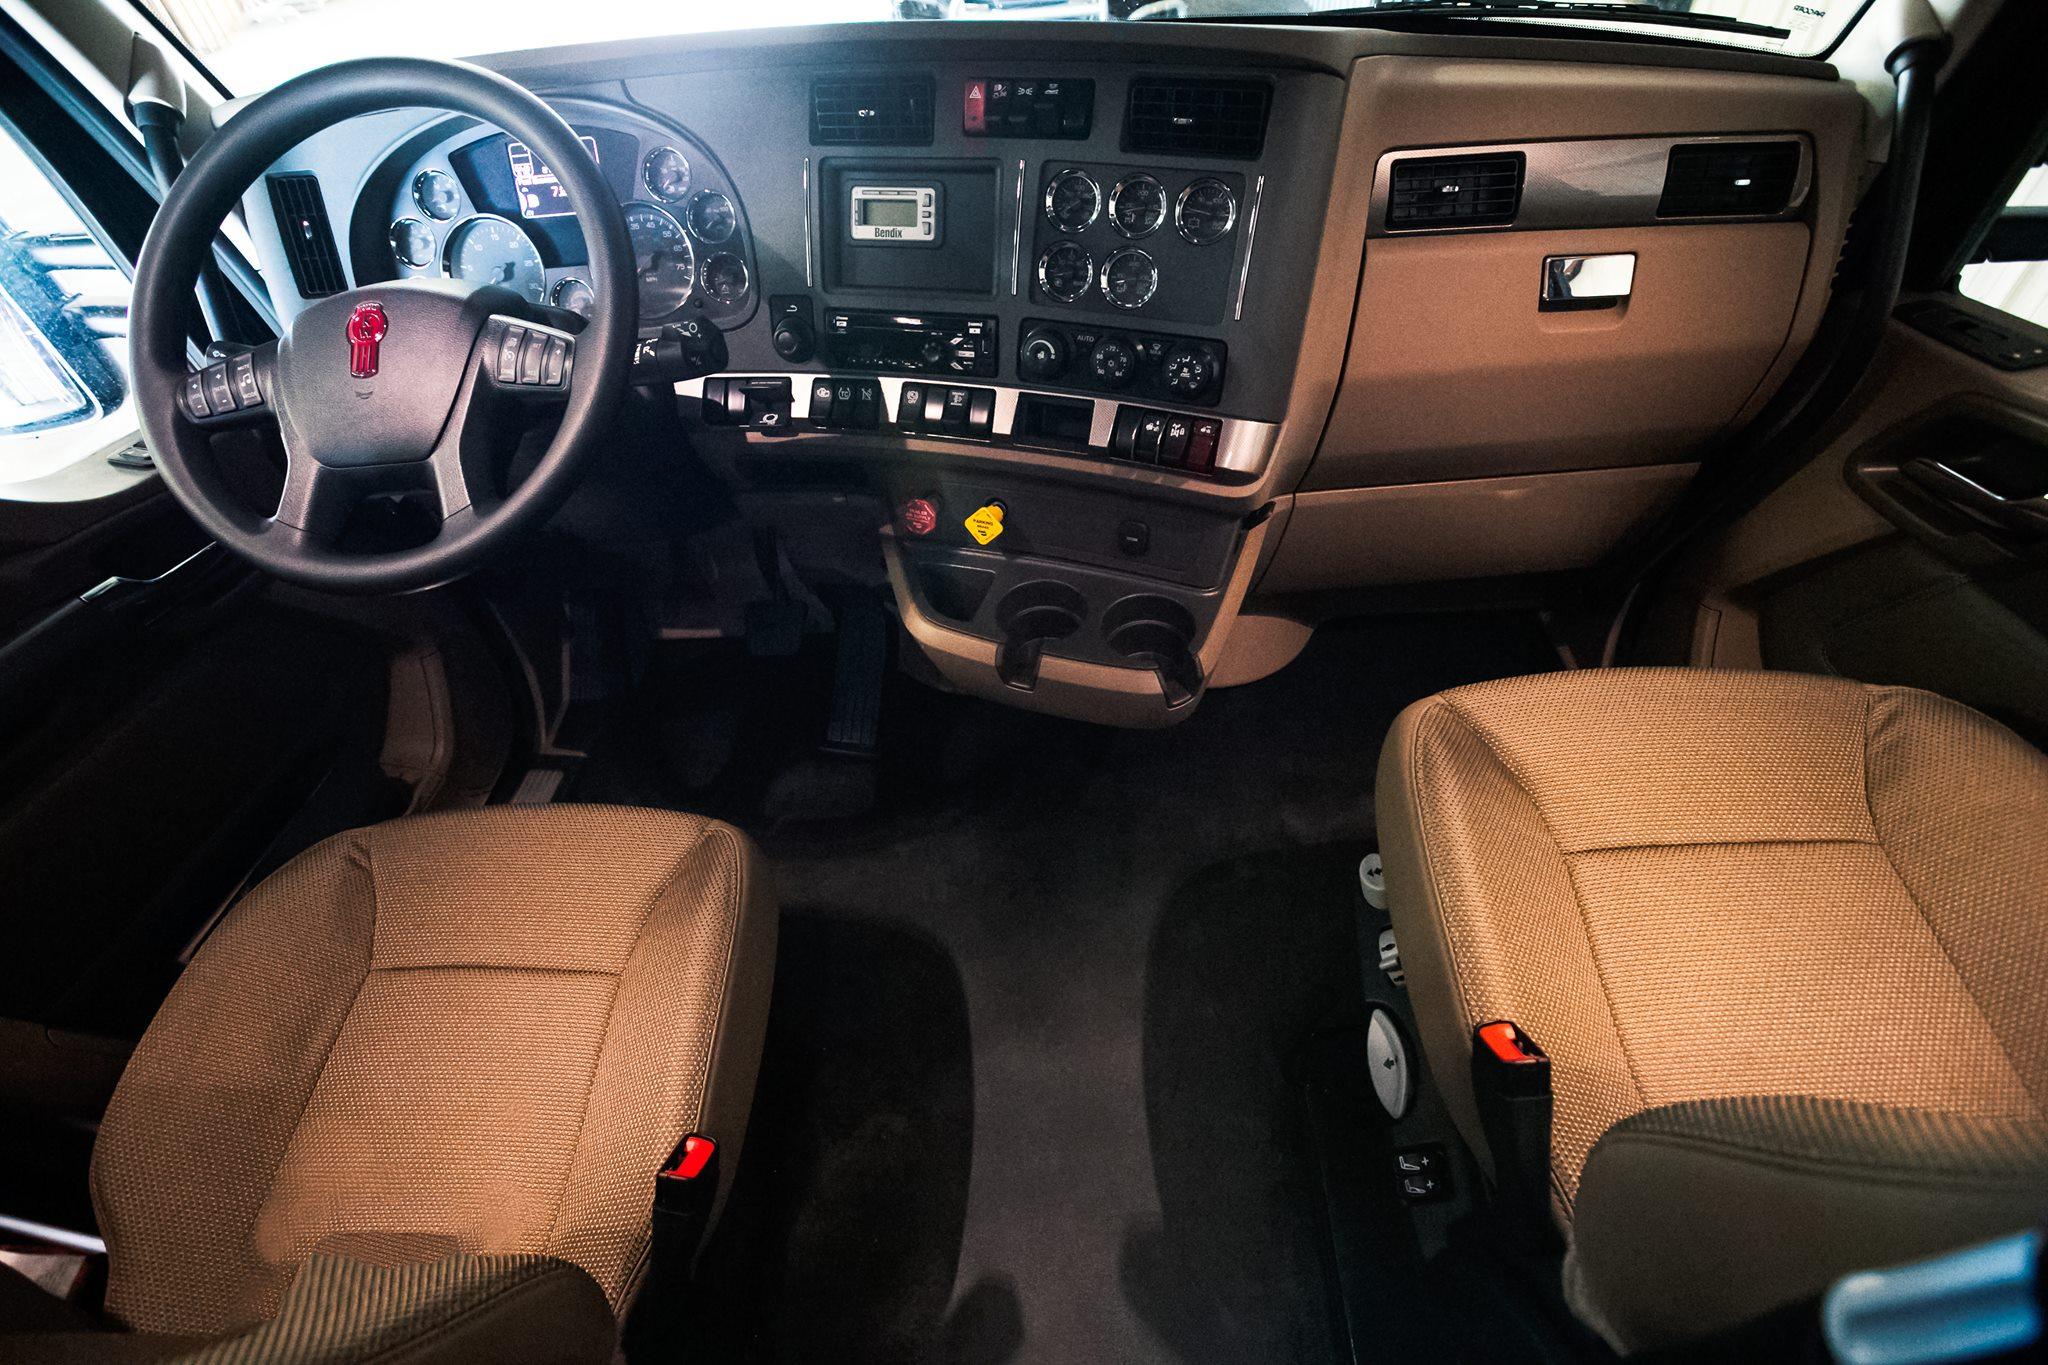 kw interior.jpg